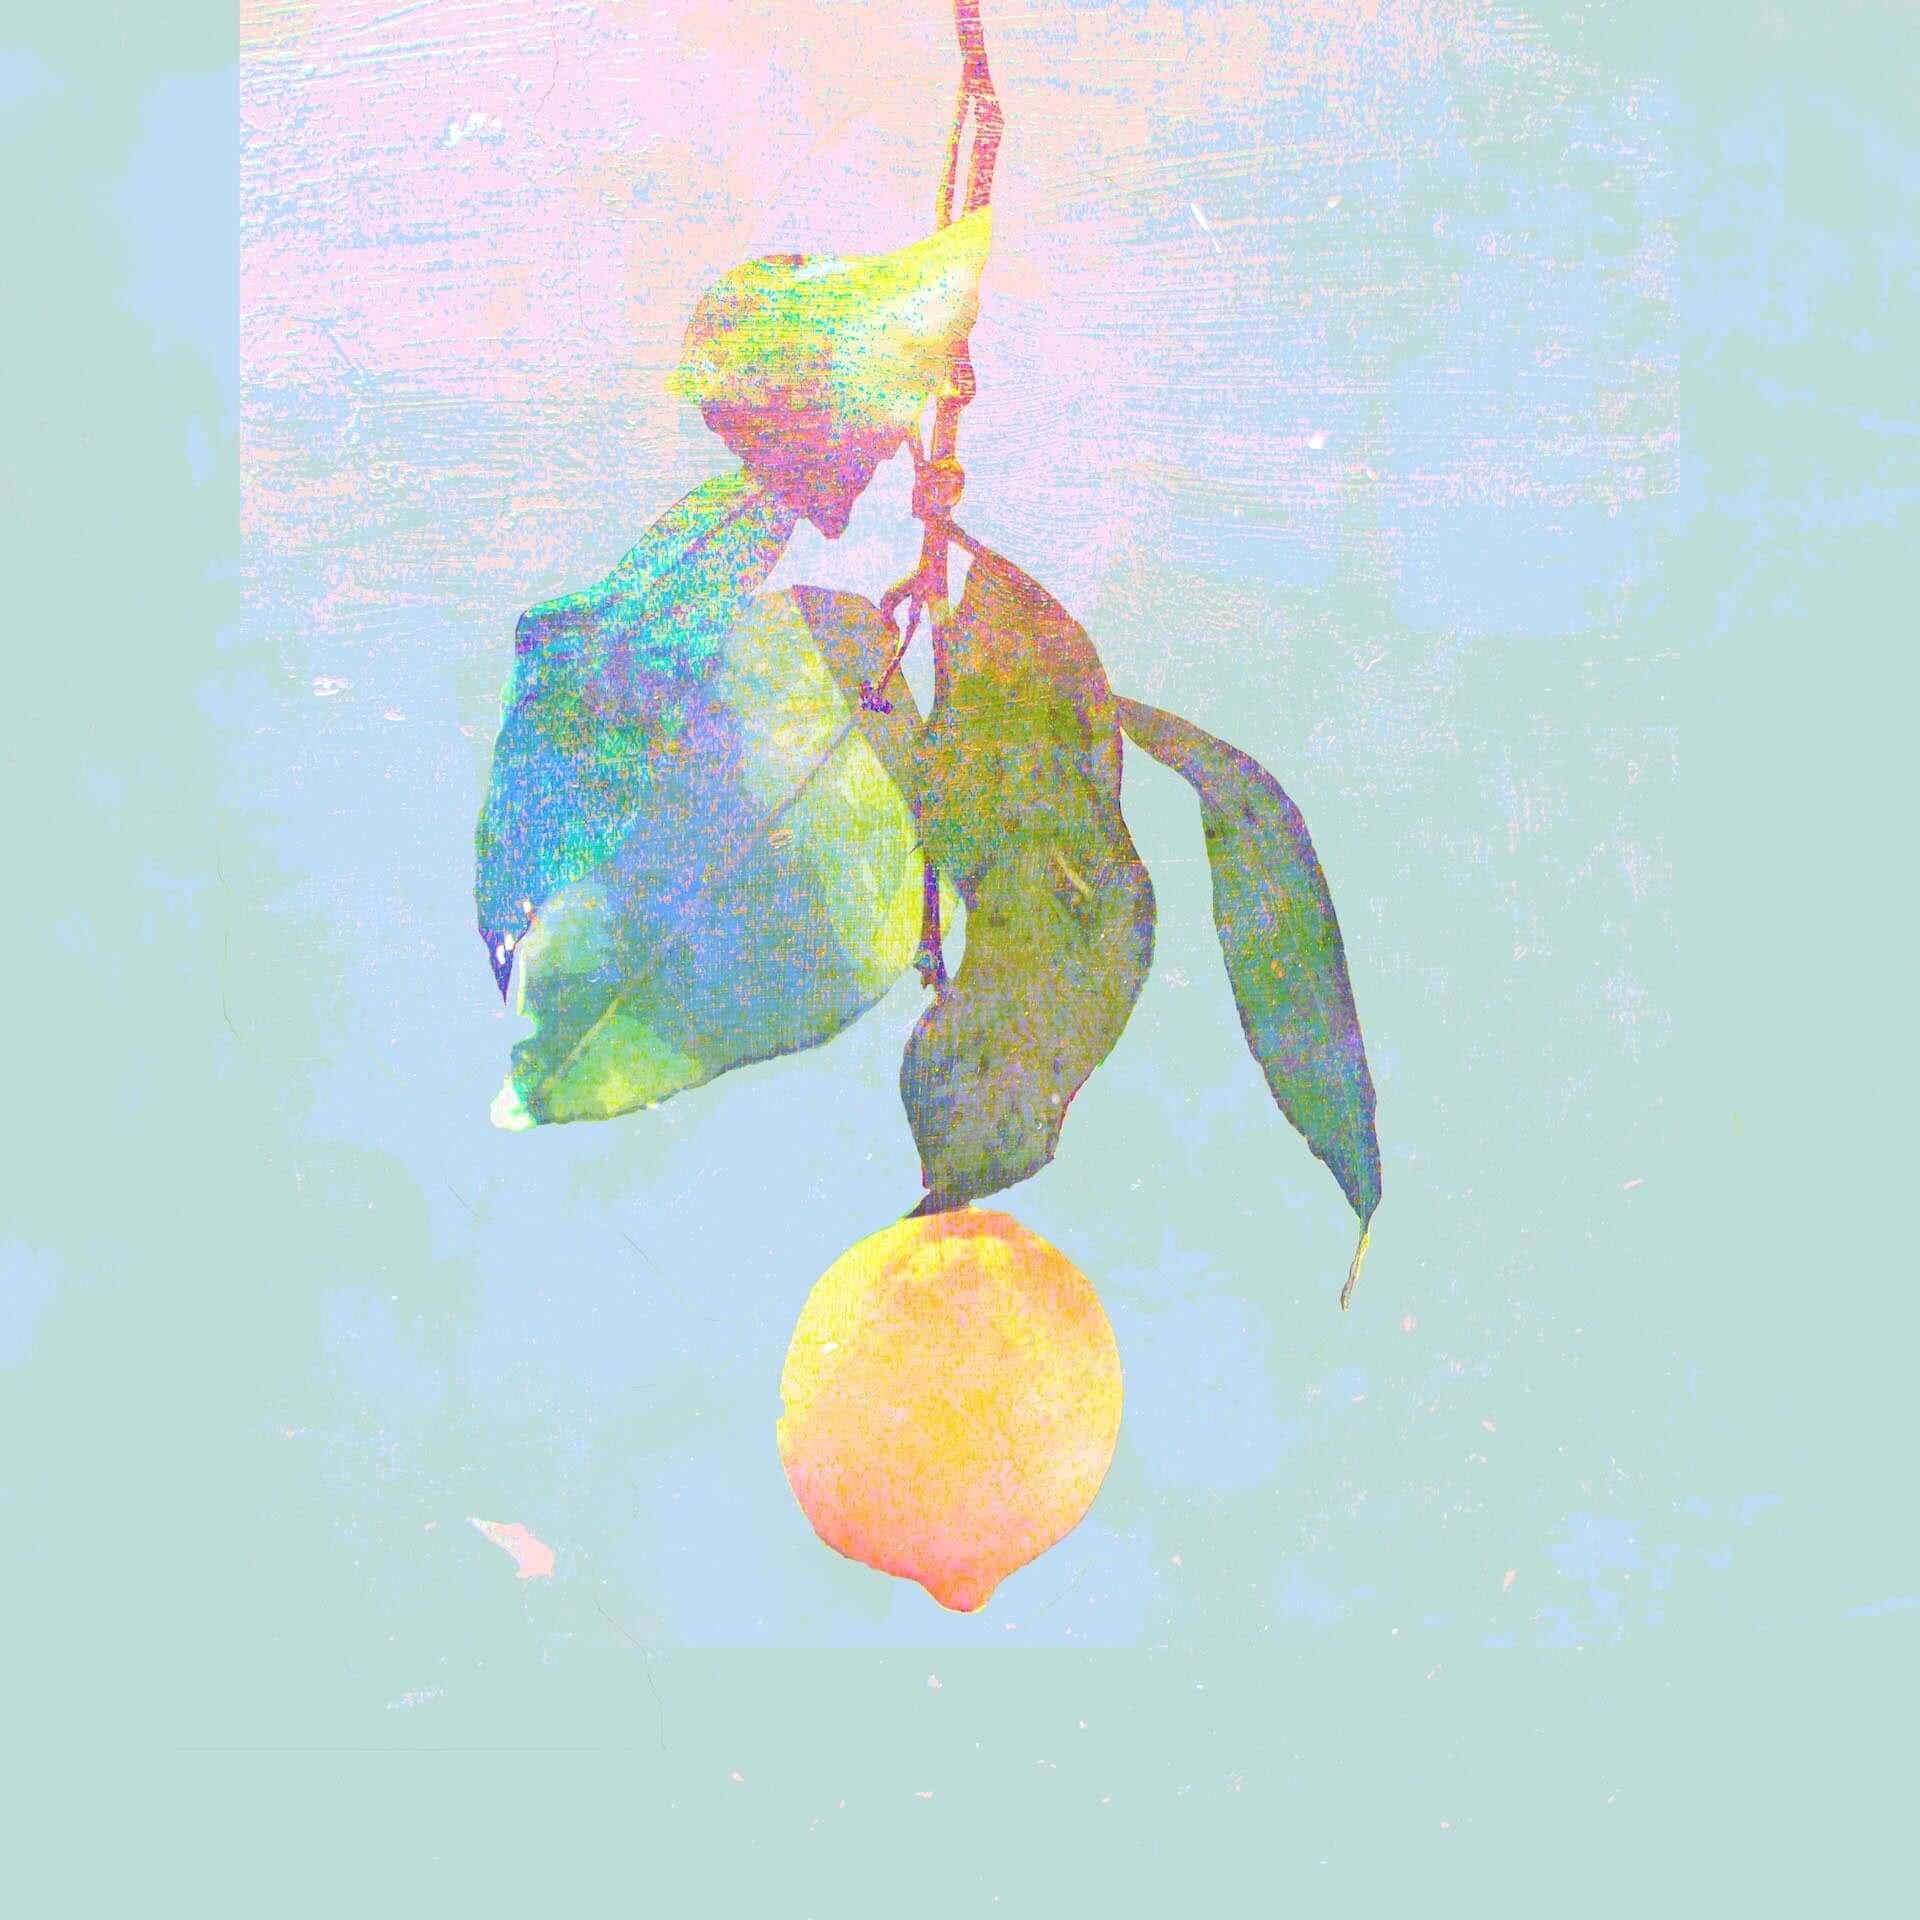 米津玄師、大塚国際美術館で「Lemon」特大ジャケットの陶板展示が決定|2019年上半期チャート25冠&MV4億再生記念 artculuture190705yonezukenshi-lemon_2-1920x1920